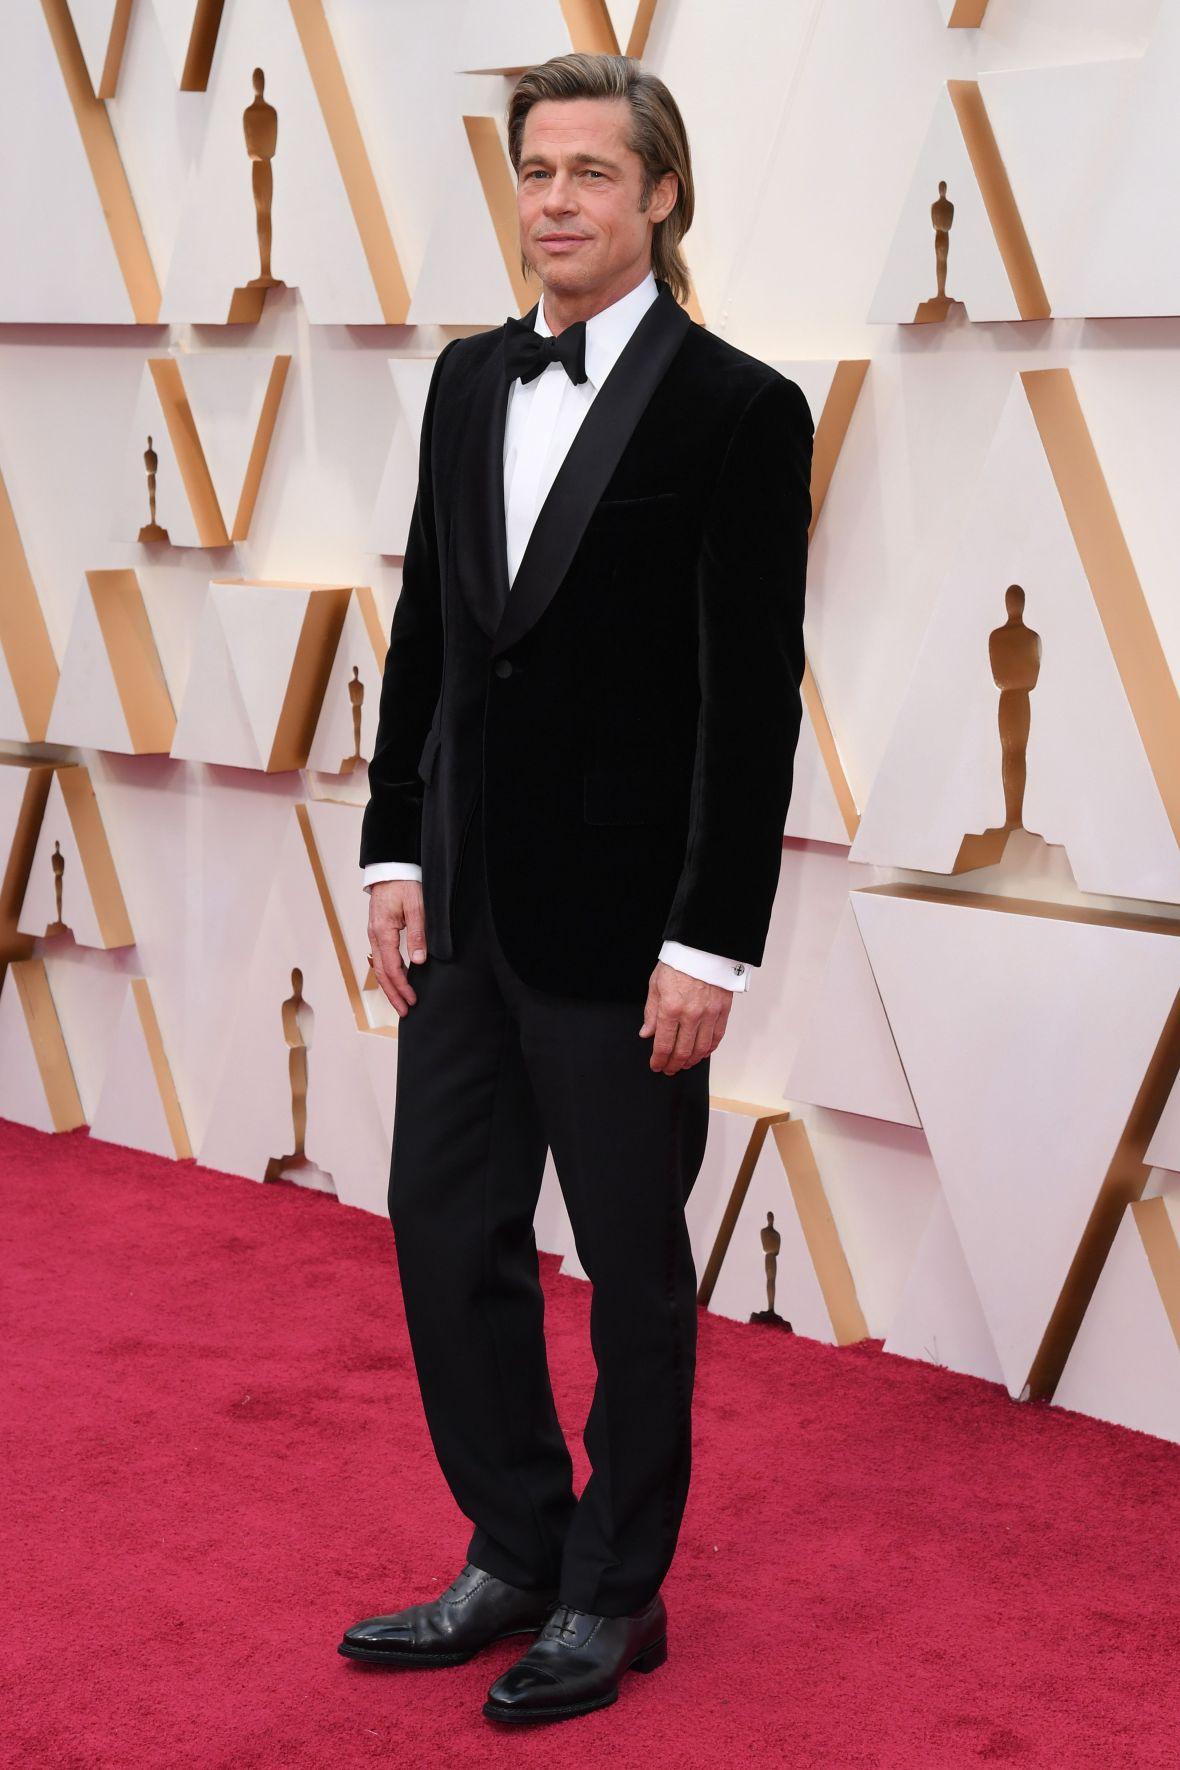 Brad Pitt at the Oscars